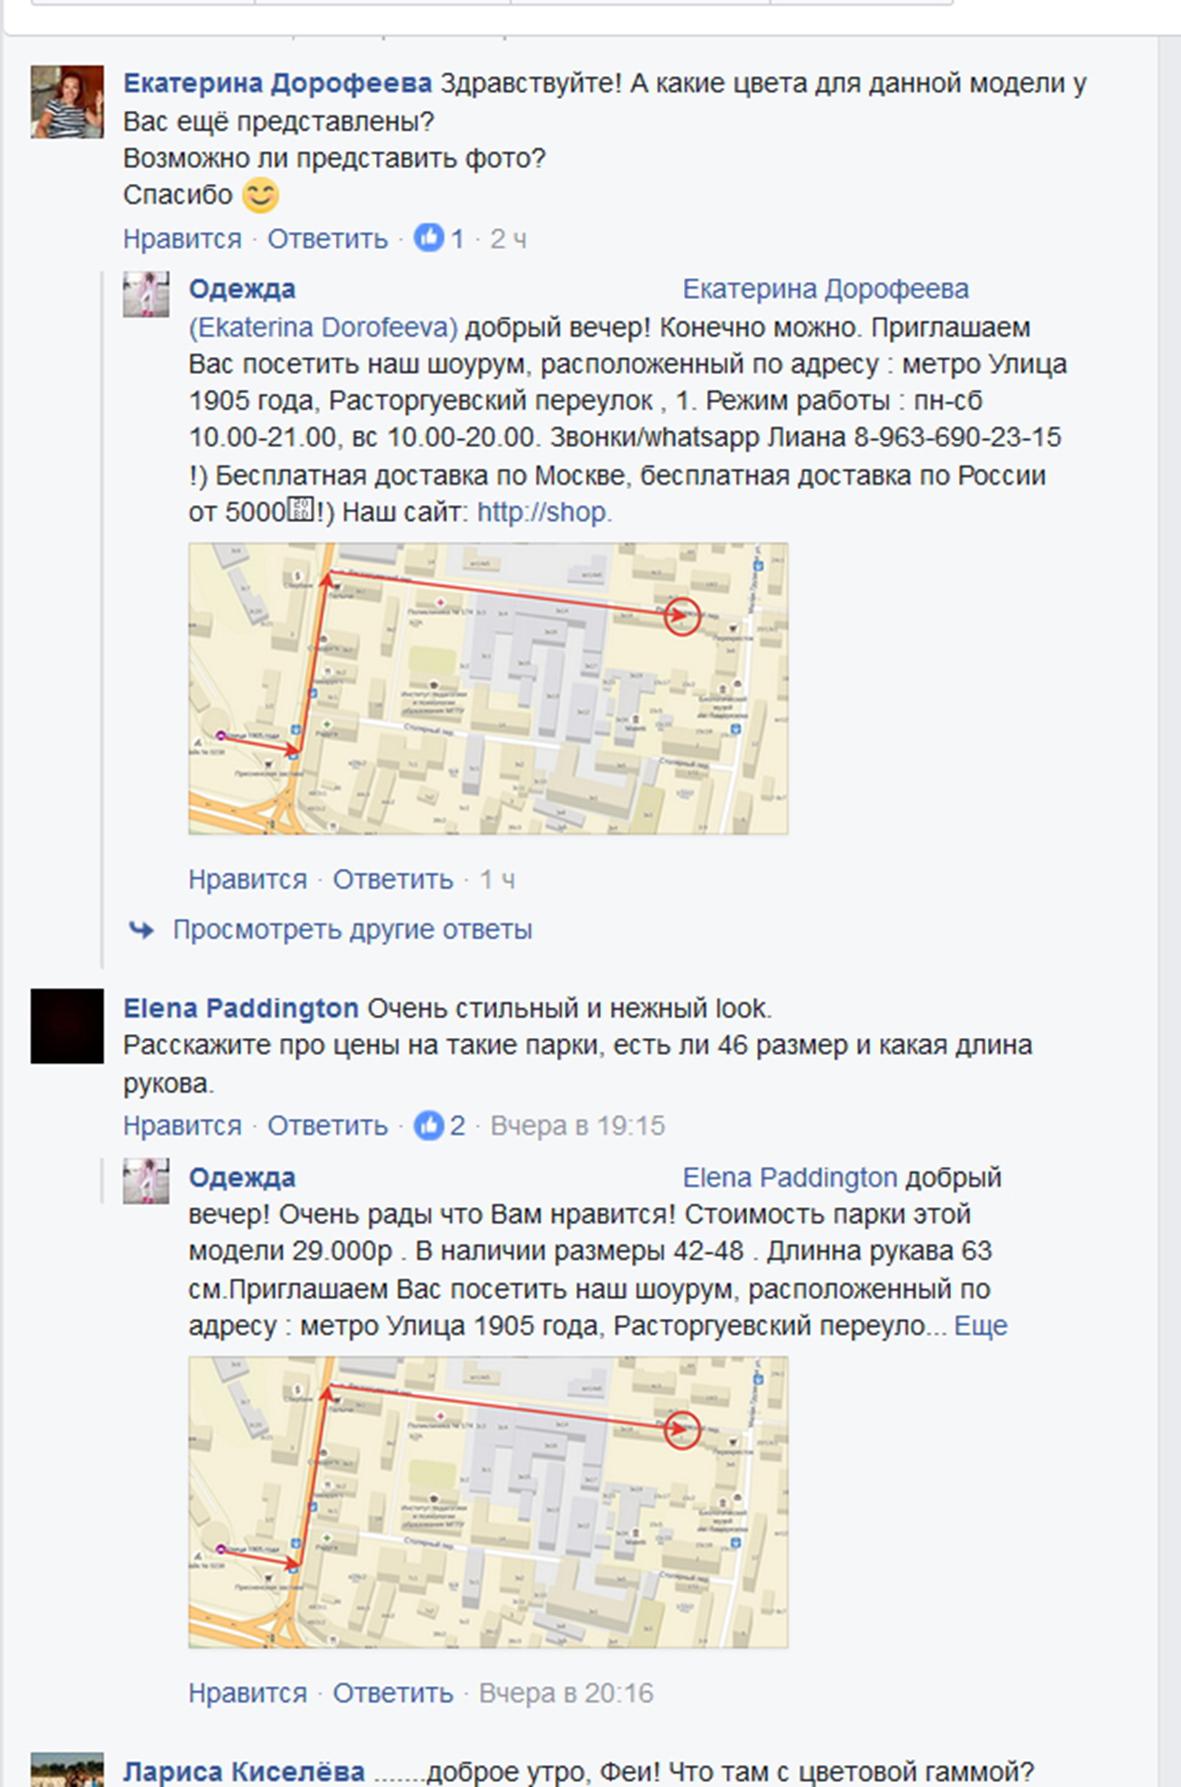 Комментарии к продающей публикации на странице в Фейсбук